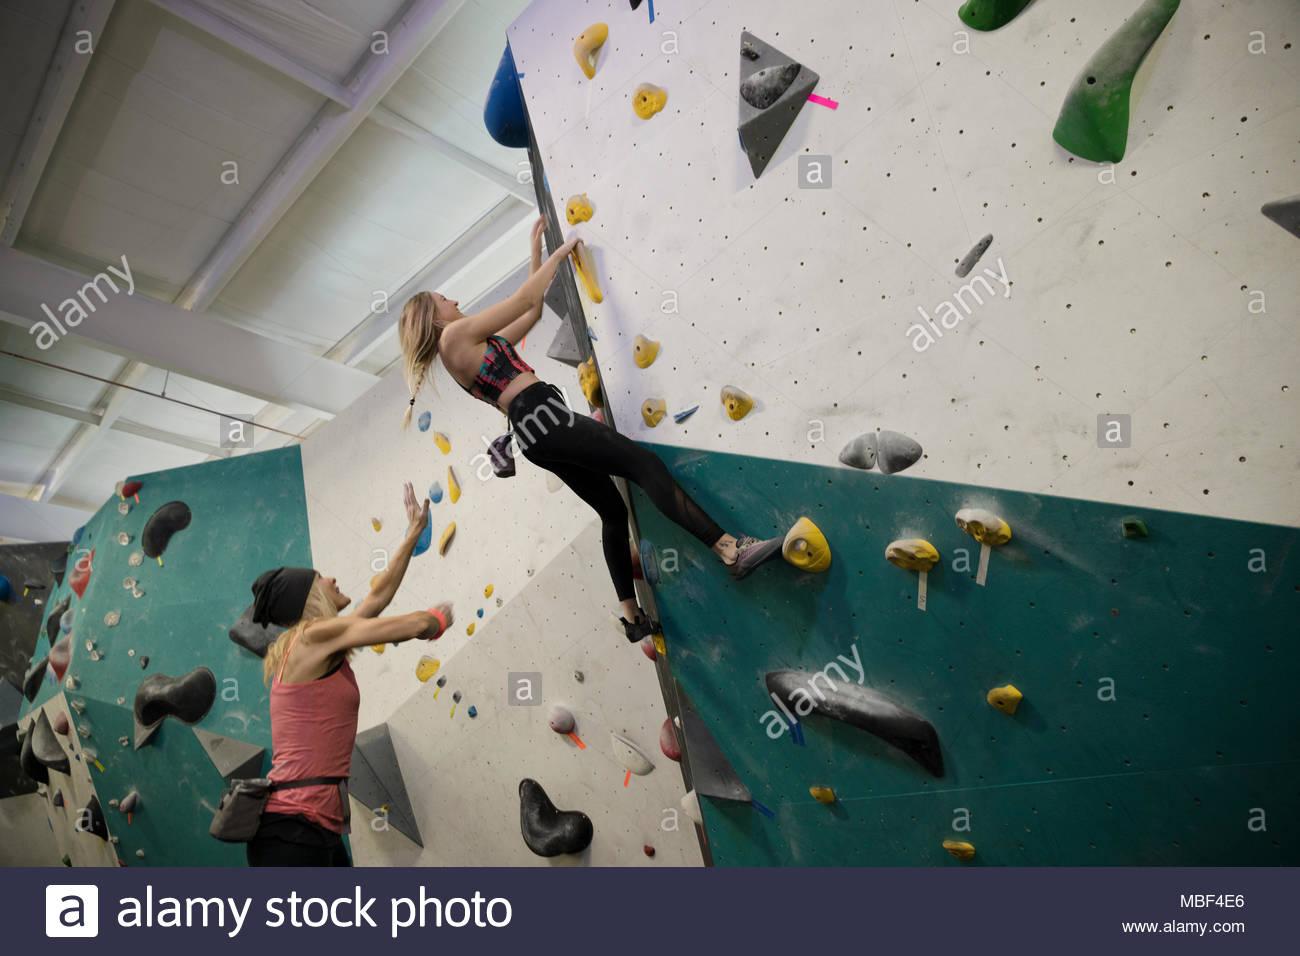 Femmina di rocciatore spotting partner parete di arrampicata in palestra di arrampicata Immagini Stock